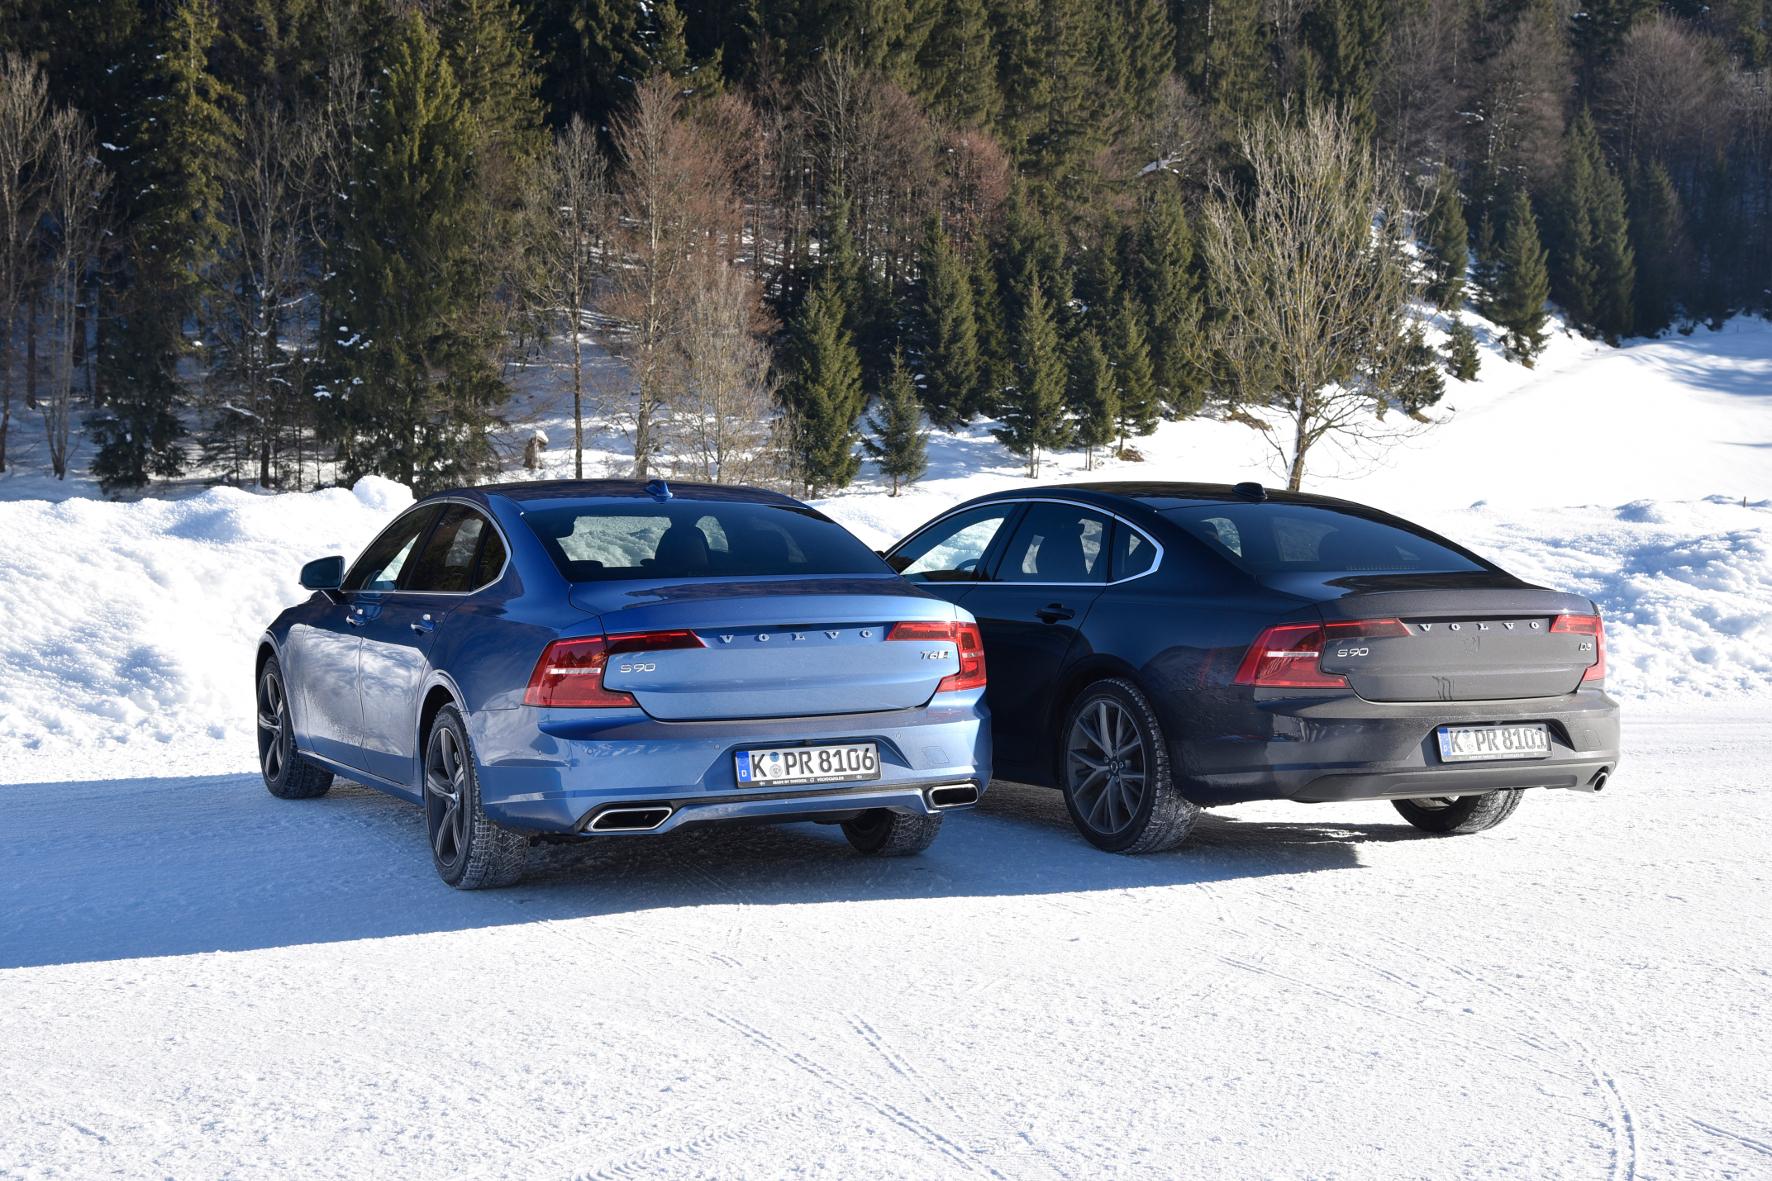 mid Salzburg - Sportsgeist oder Vernunft: Diese Gretchenfrage stellt der mid beim großen Schweden S90 und Vergleicht das Topmodell T6 mit der Basisvariante D3.